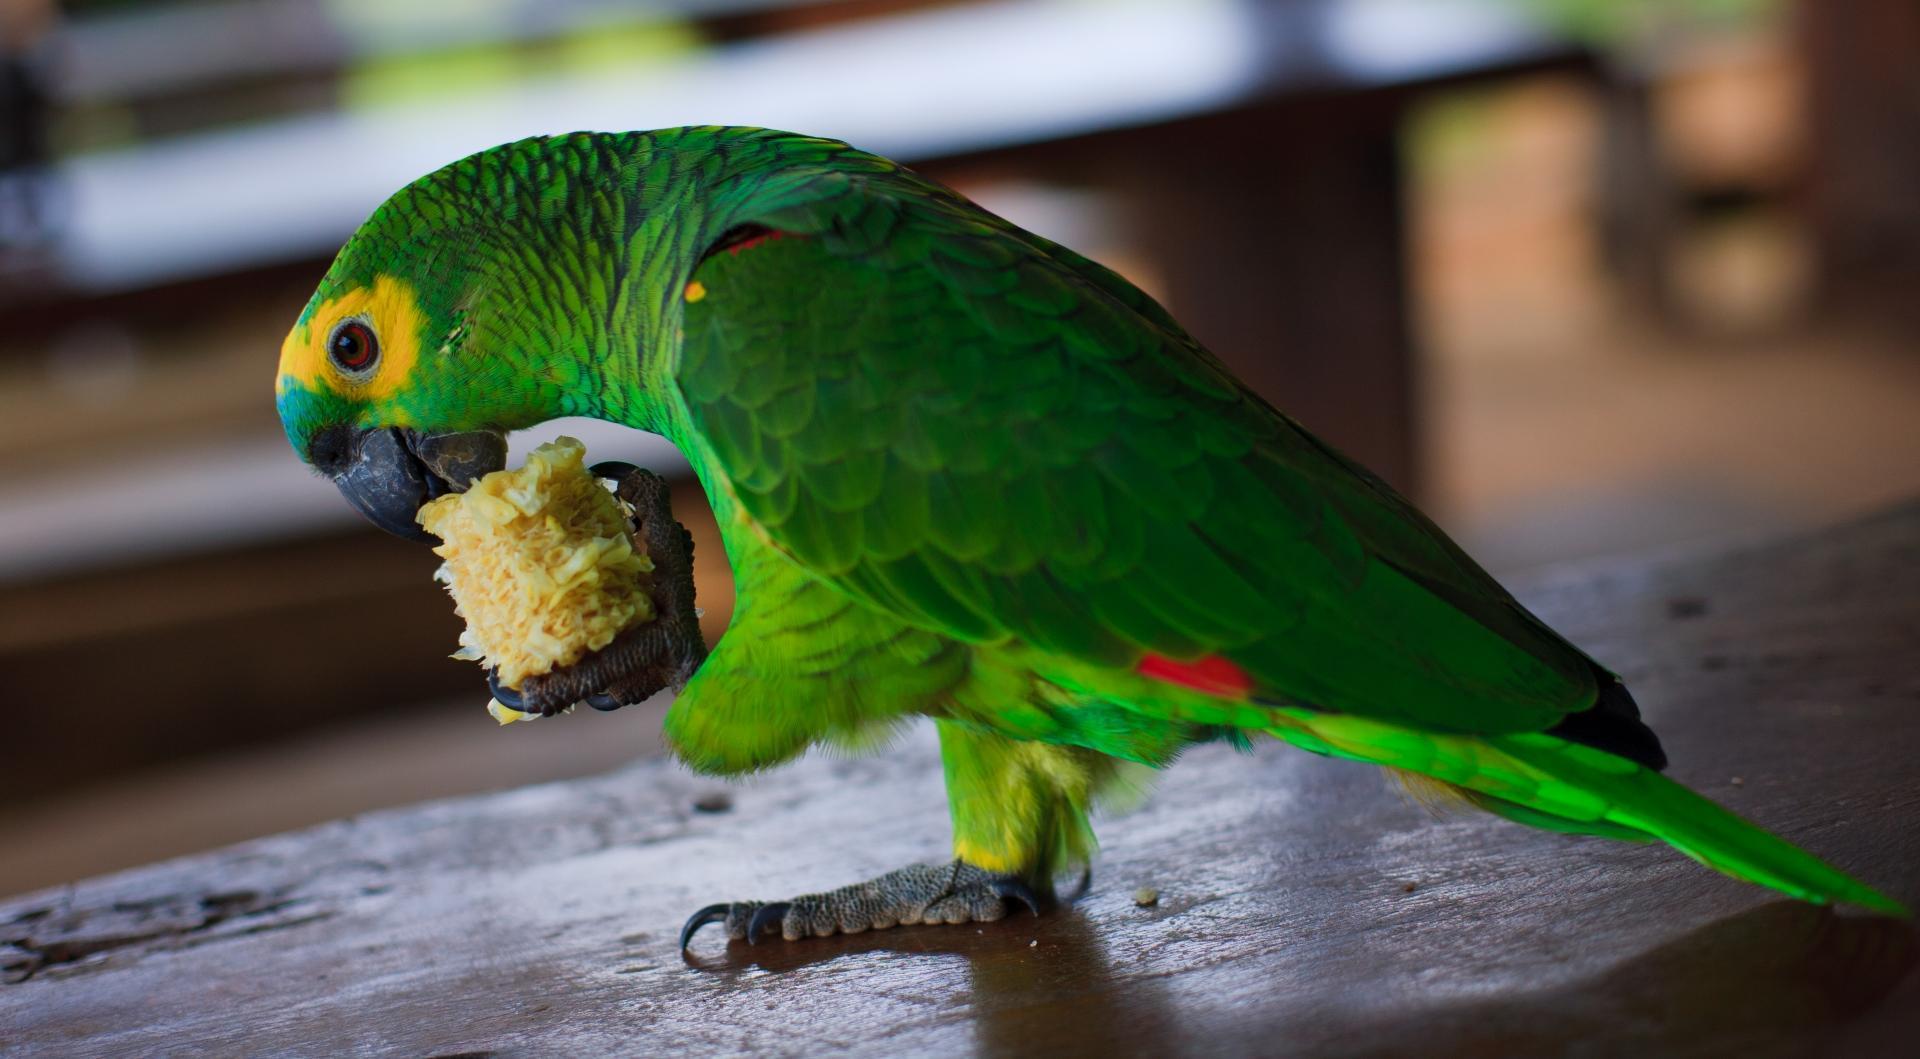 Генетики связали долгожительство попугаев с изменениями в геноме